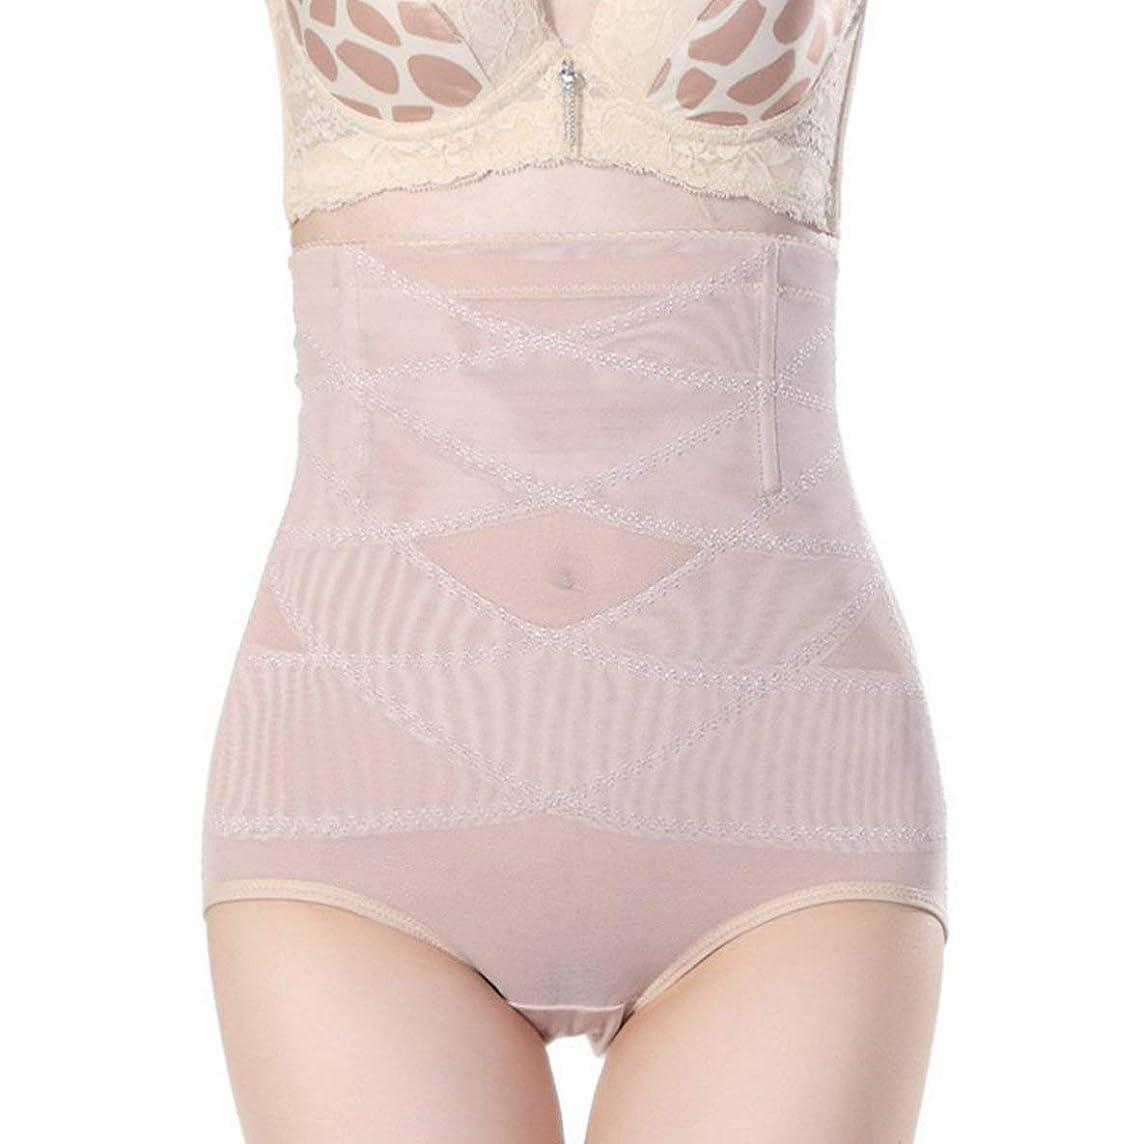 フランクワースリー水曜日大きい腹部制御下着シームレスおなかコントロールパンティーバットリフターボディシェイパーを痩身通気性のハイウエストの女性 - 肌色L